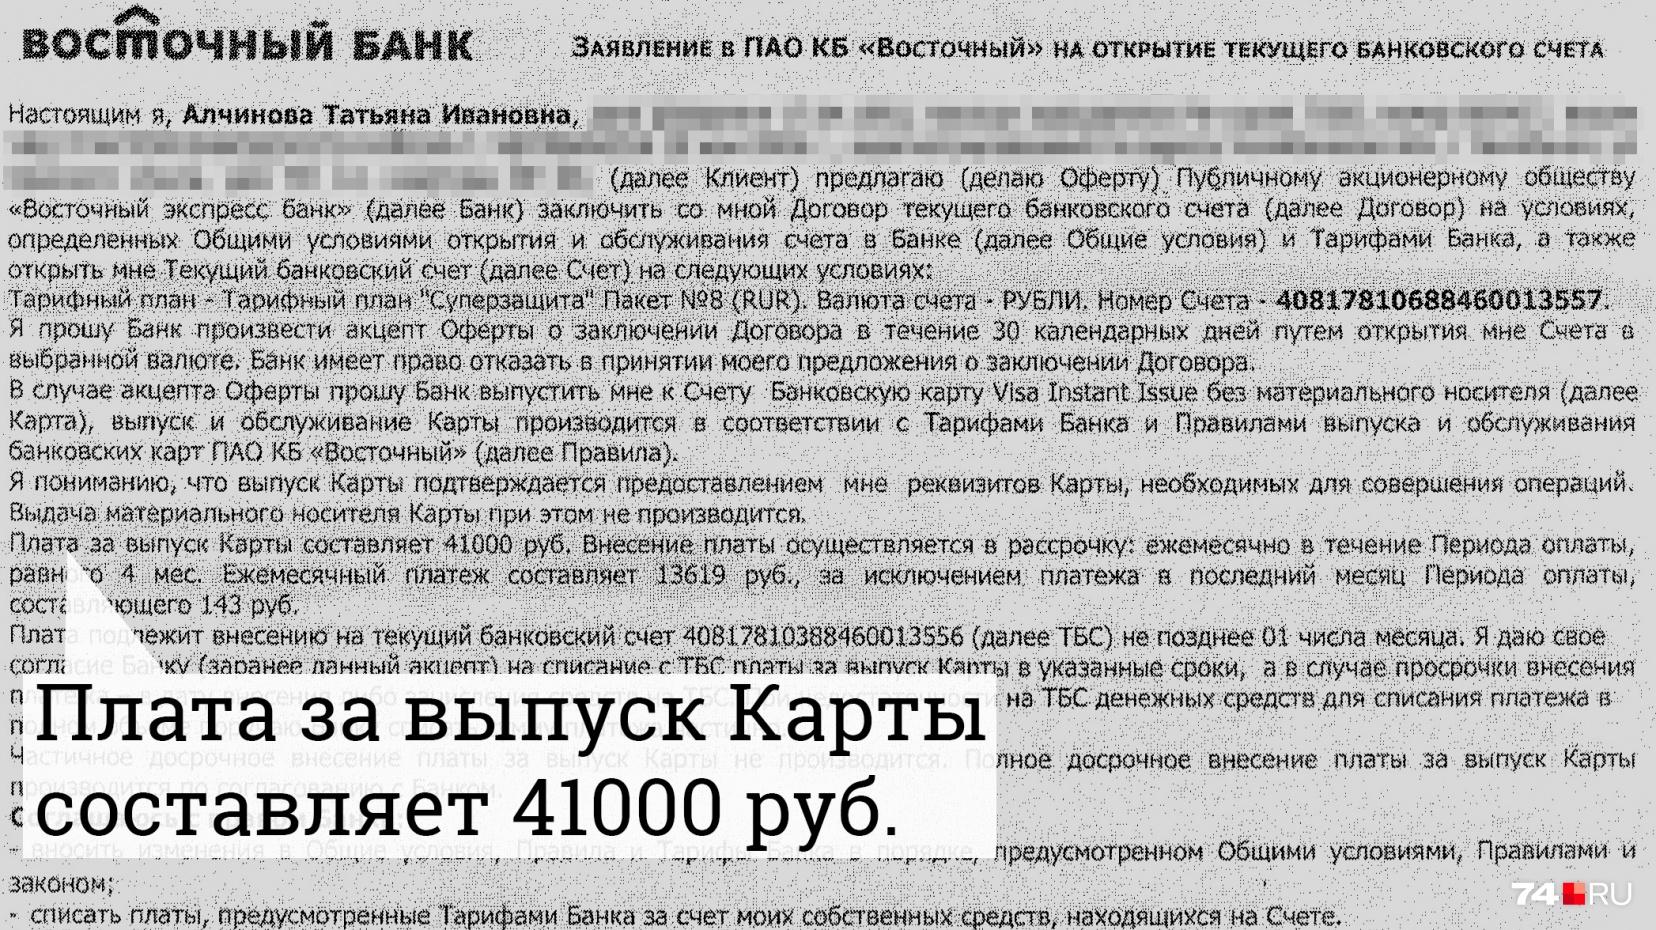 Восточный экспресс банк кредитная карта условия